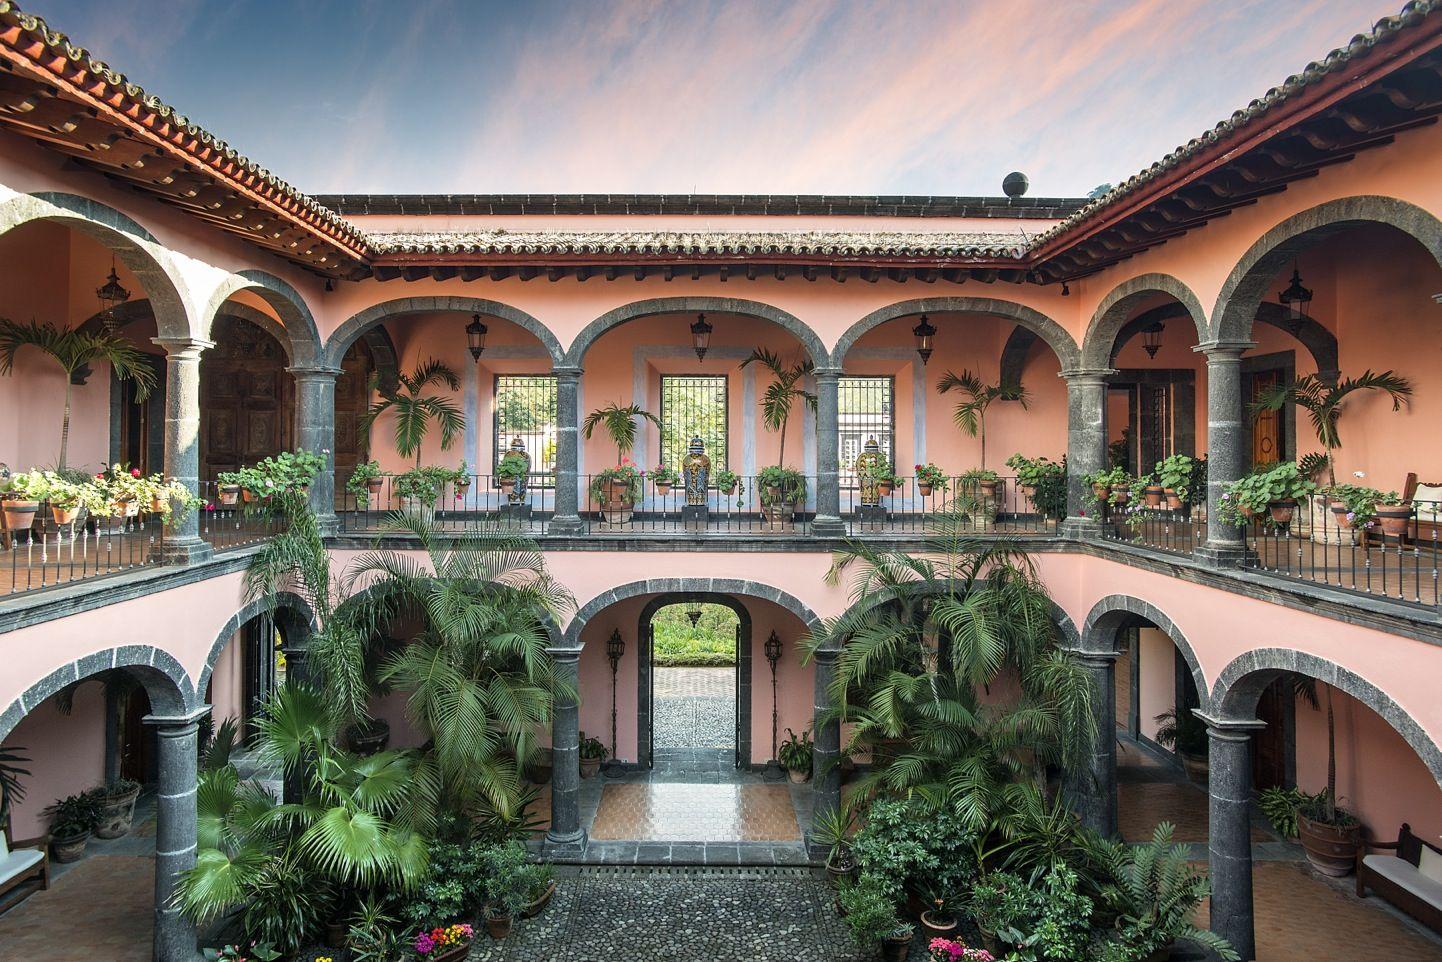 Hacienda De San Antonio Corporate Retreat